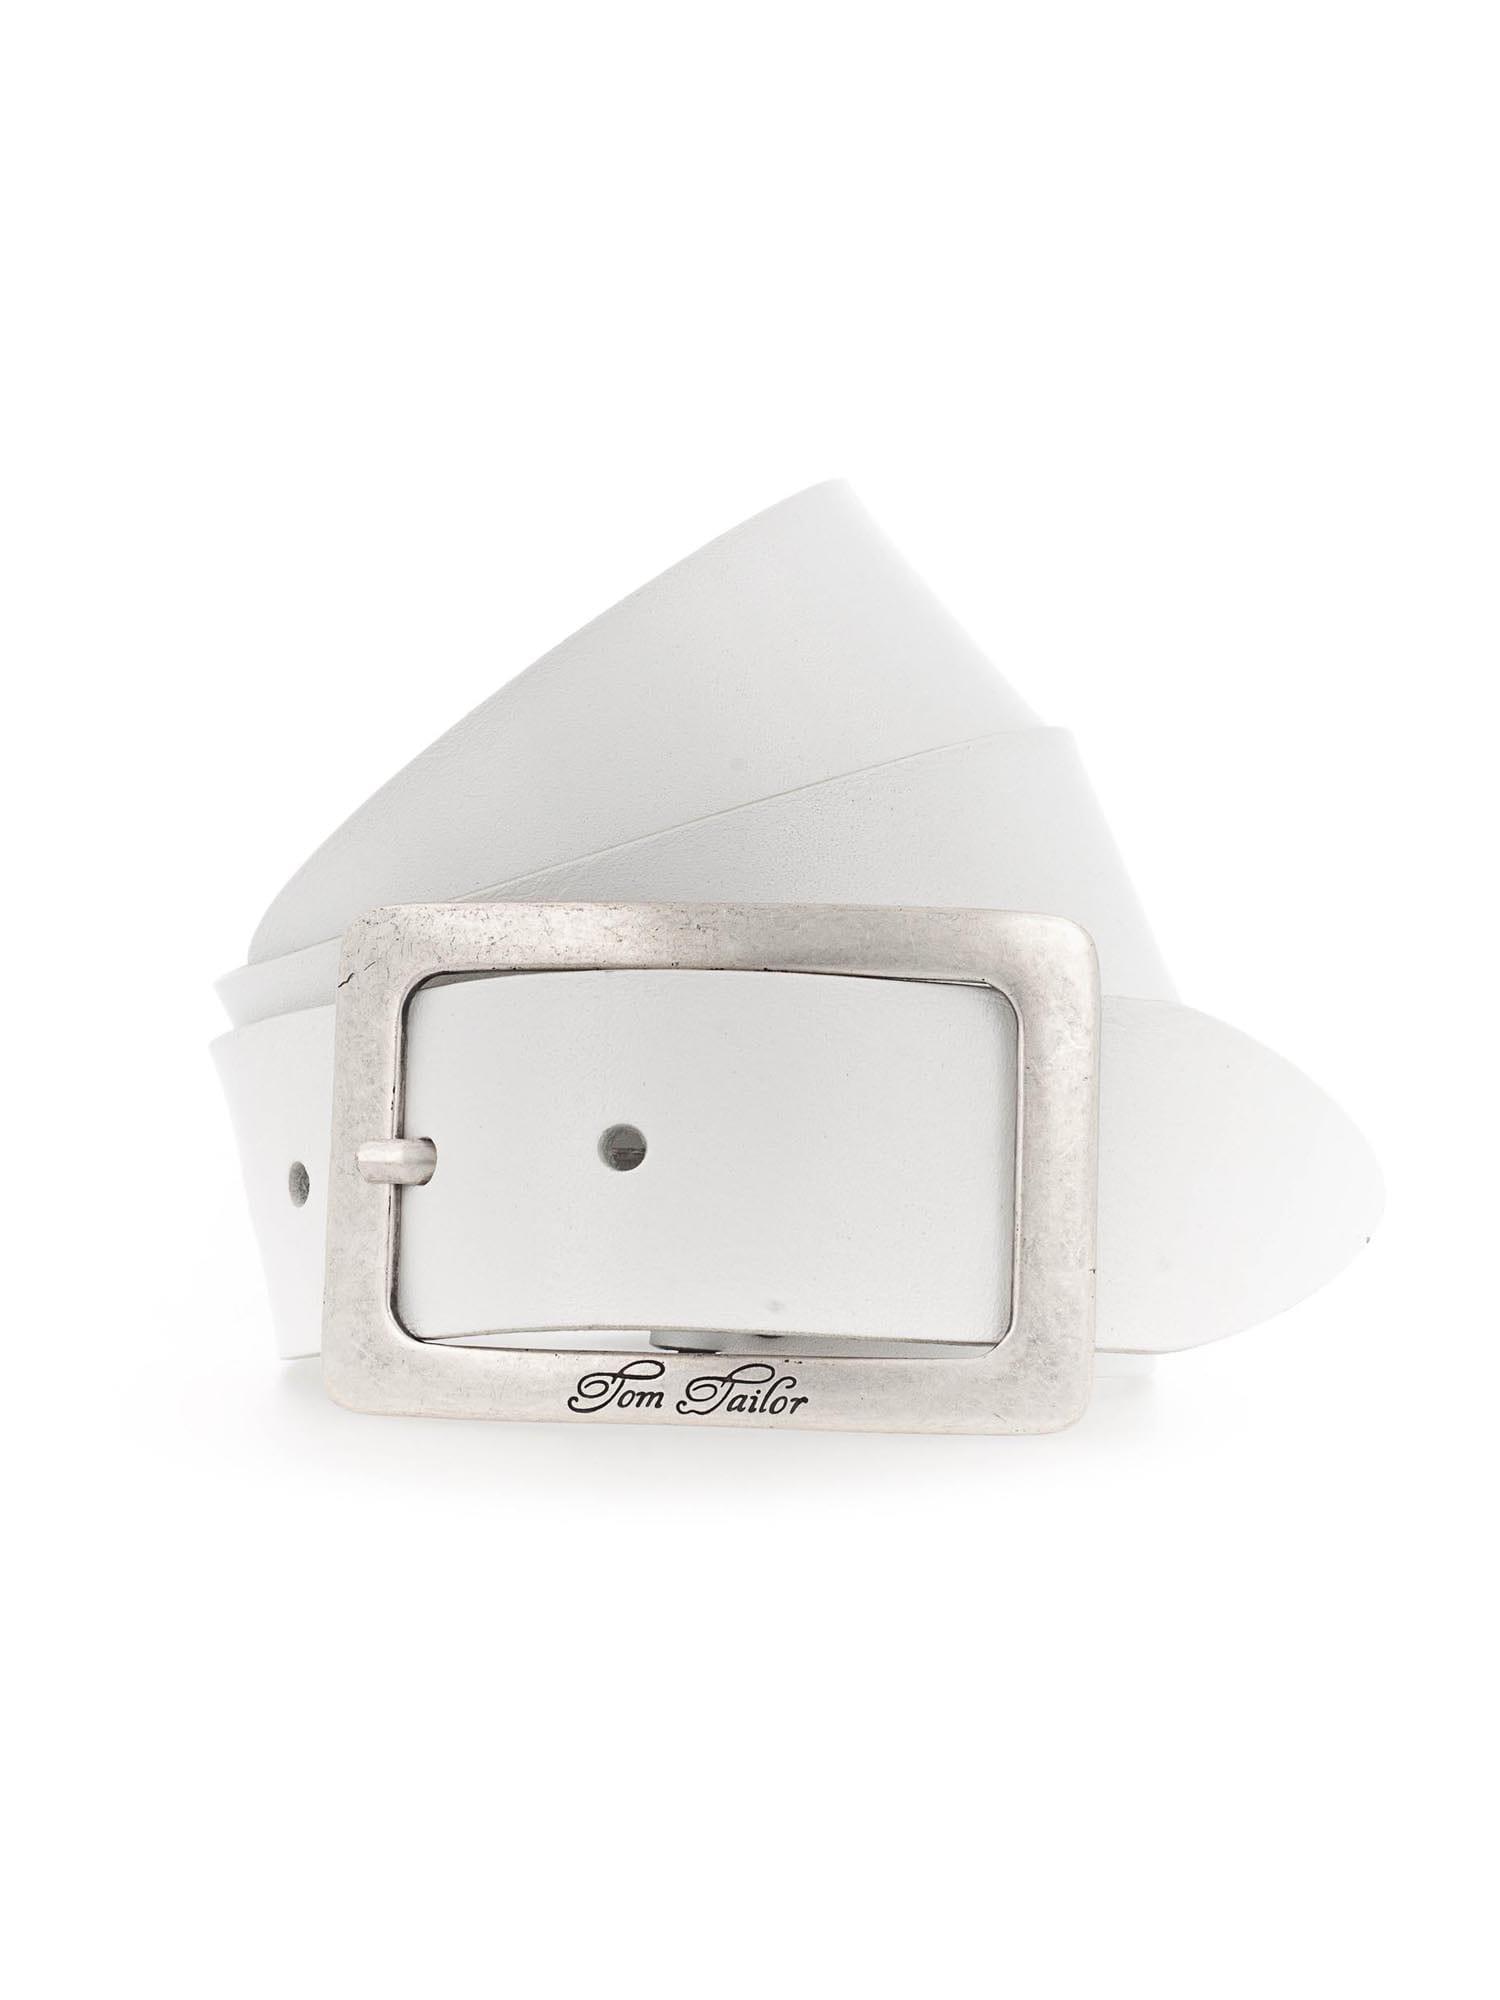 TOM TAILOR Diržas natūrali balta / sidabrinė